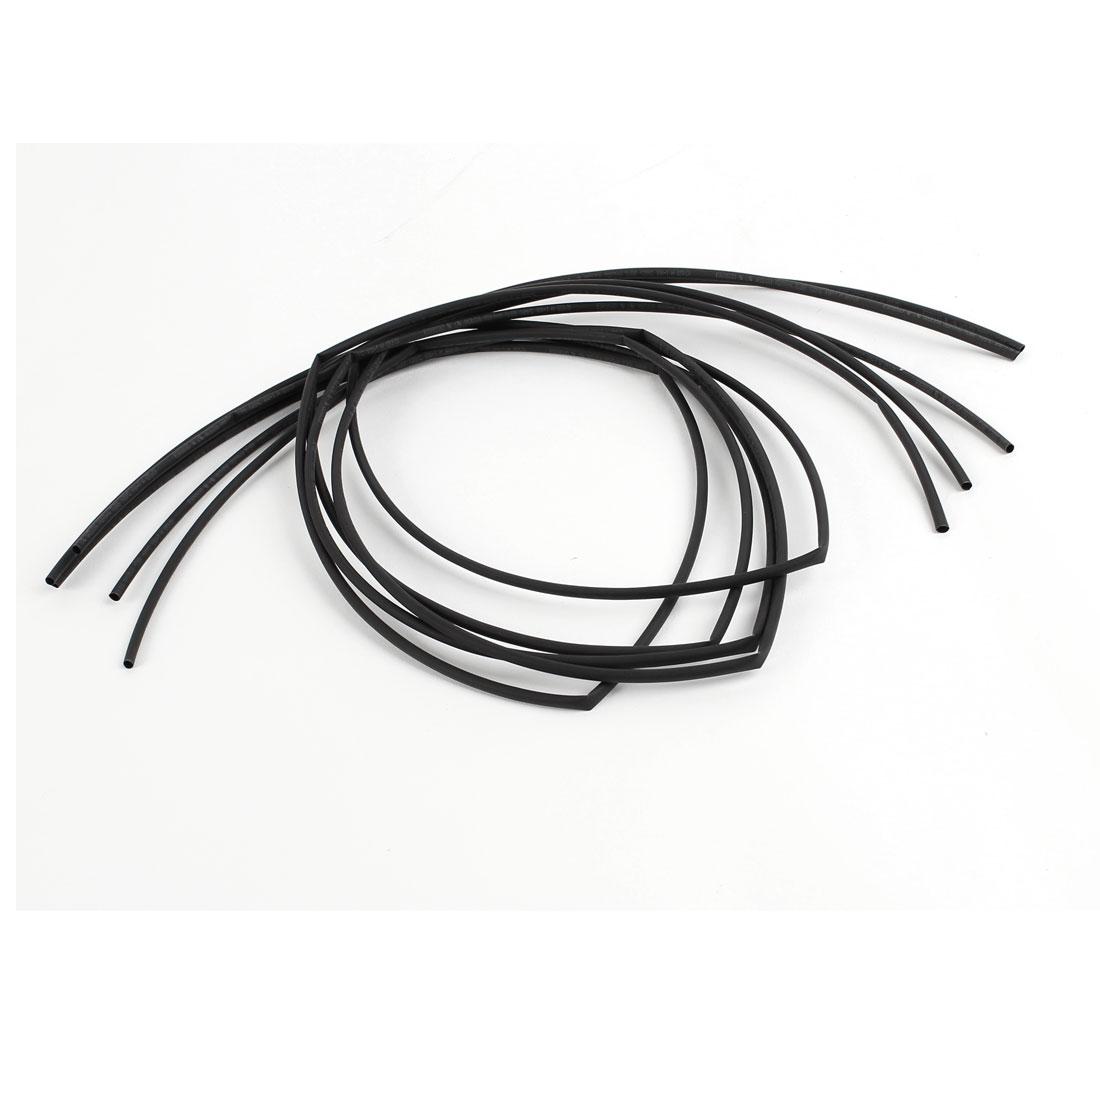 3.3Ft 3mm Dia Ratio 2:1 Heat Shrinking Shrinkable Tube Tubing Black 5 Pcs